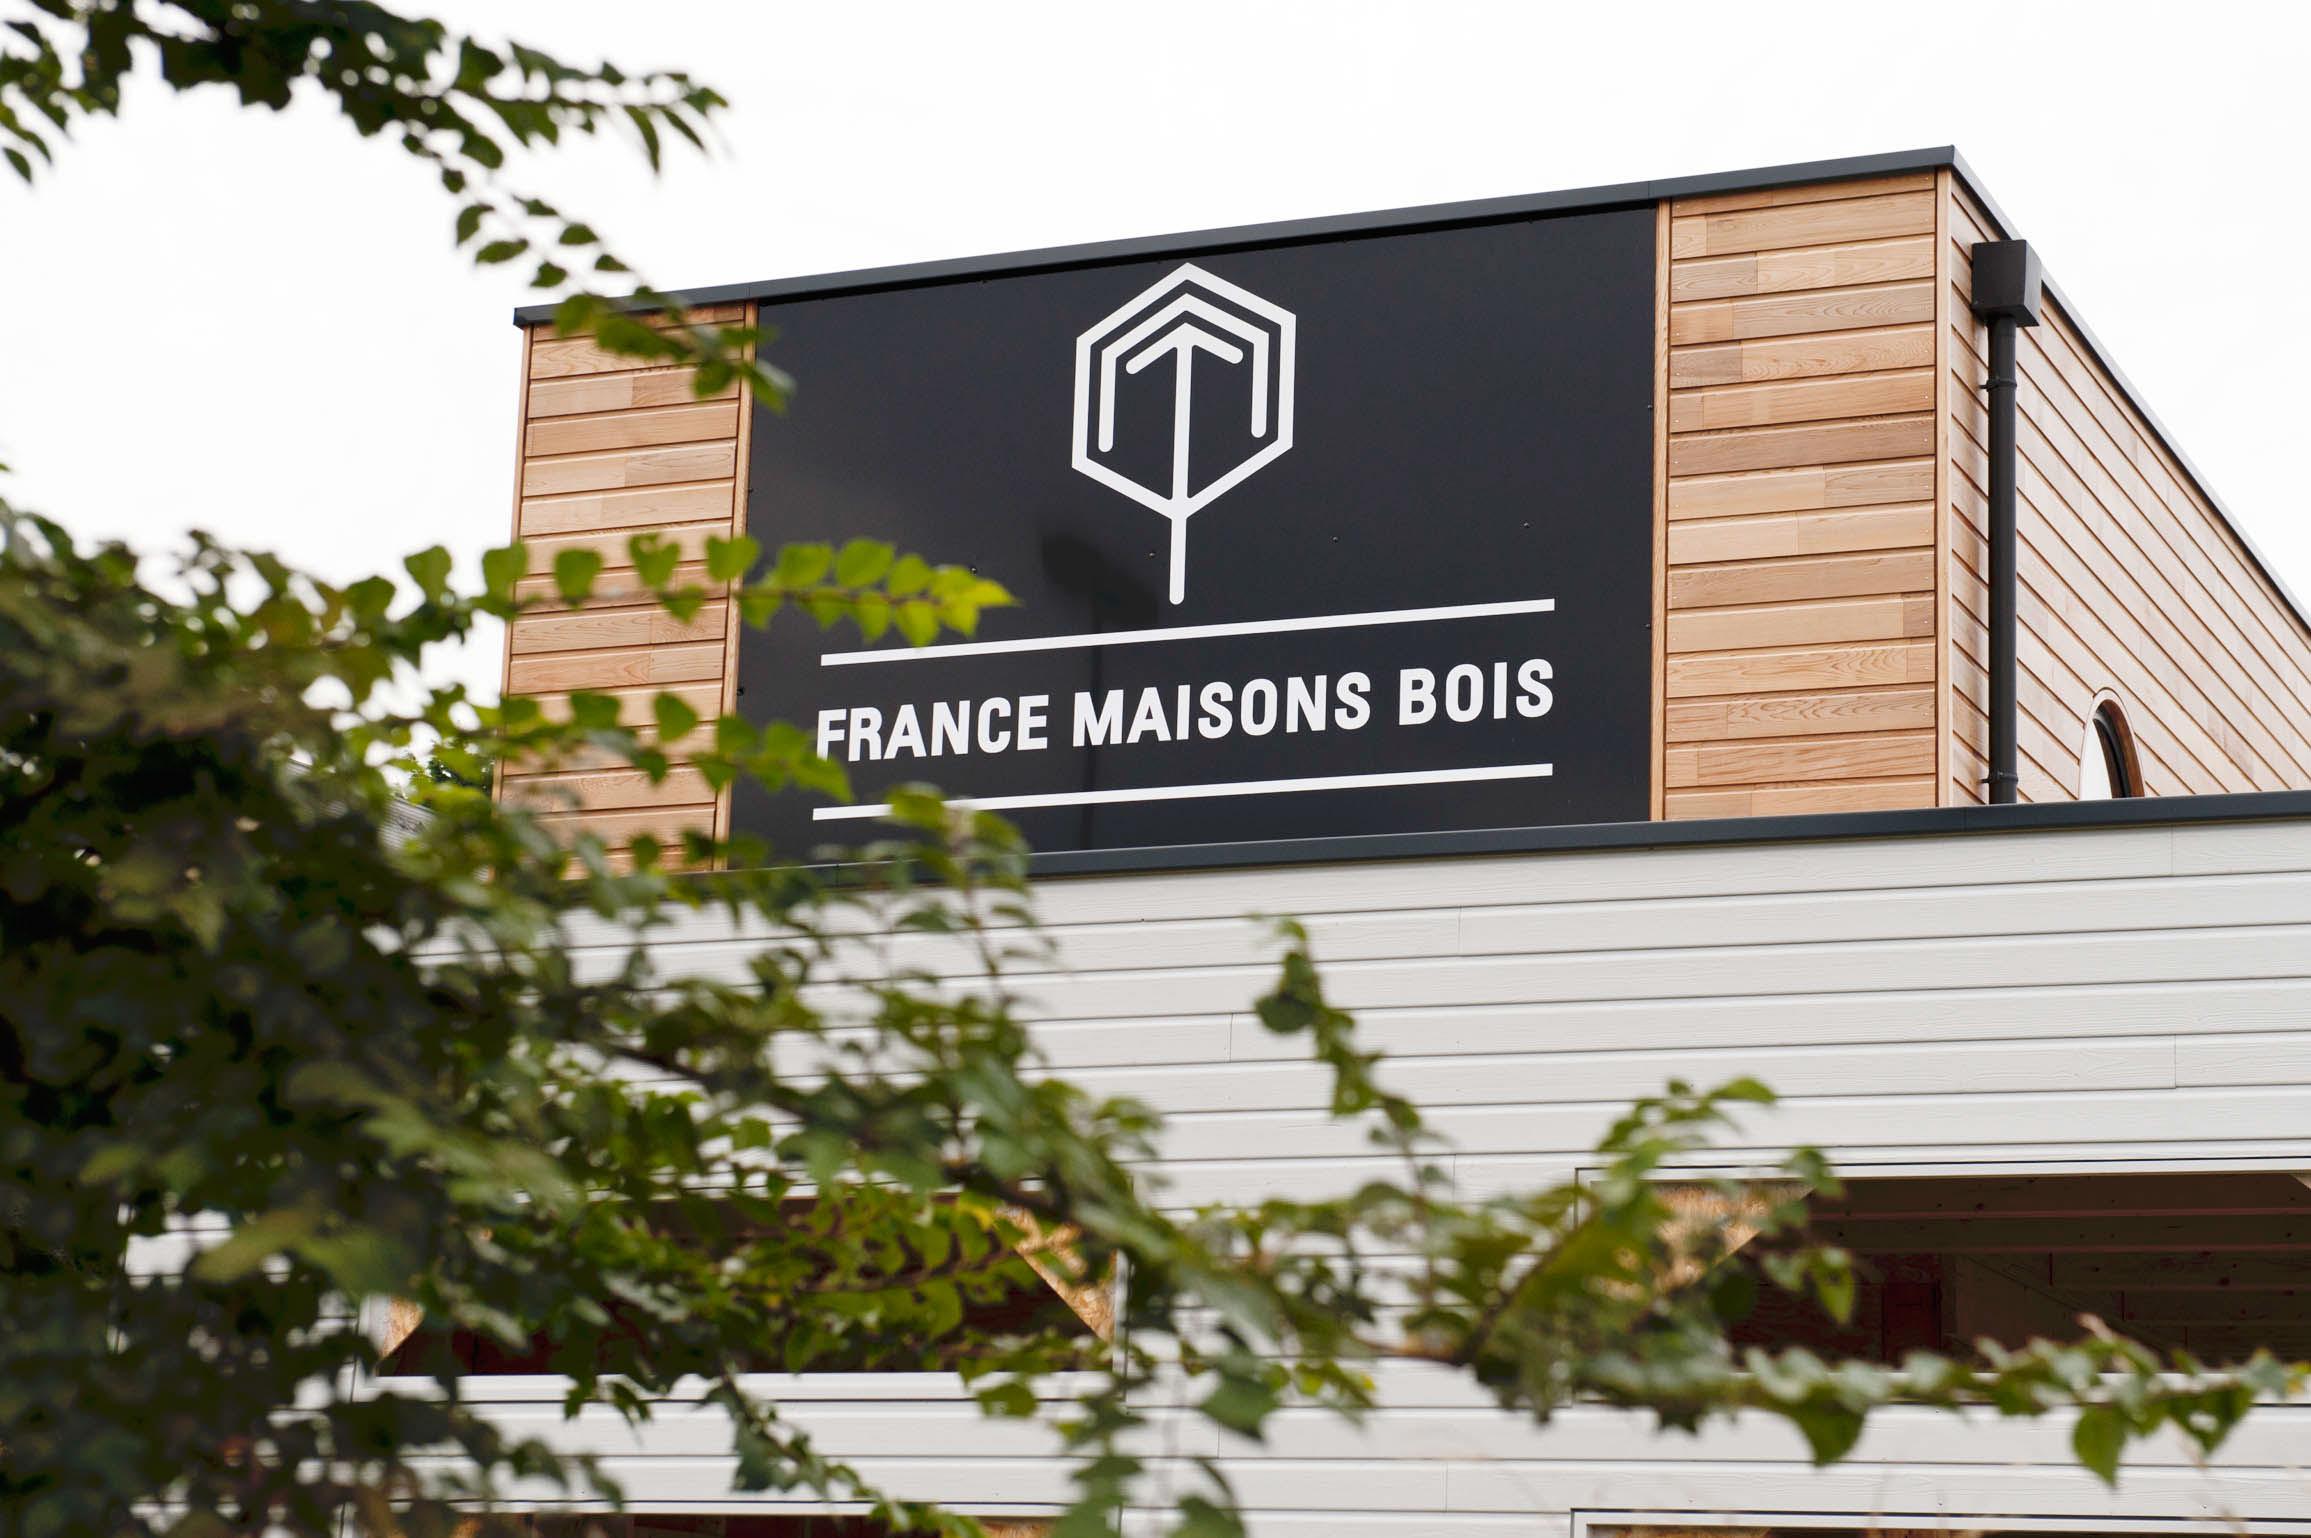 Constructeur Maison Bois Ile De France u2013 Maison Moderne # Maison En Bois Ile De France